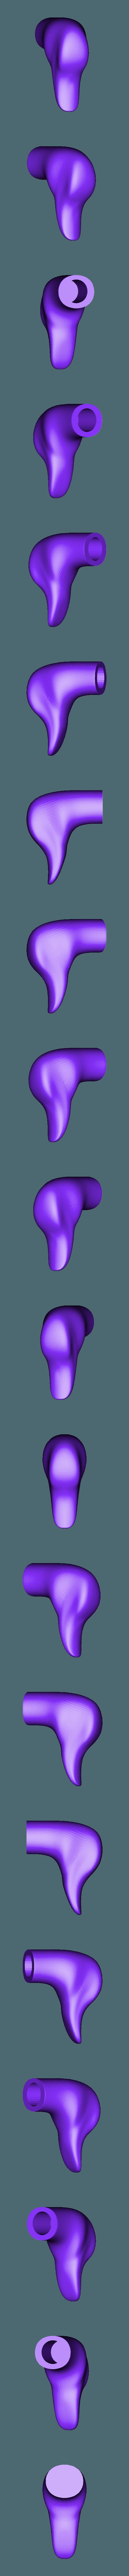 Duckhead (with 1cm Hole).stl Télécharger fichier STL gratuit Tête de canard • Objet pour impression 3D, Janis_Bruchwalski